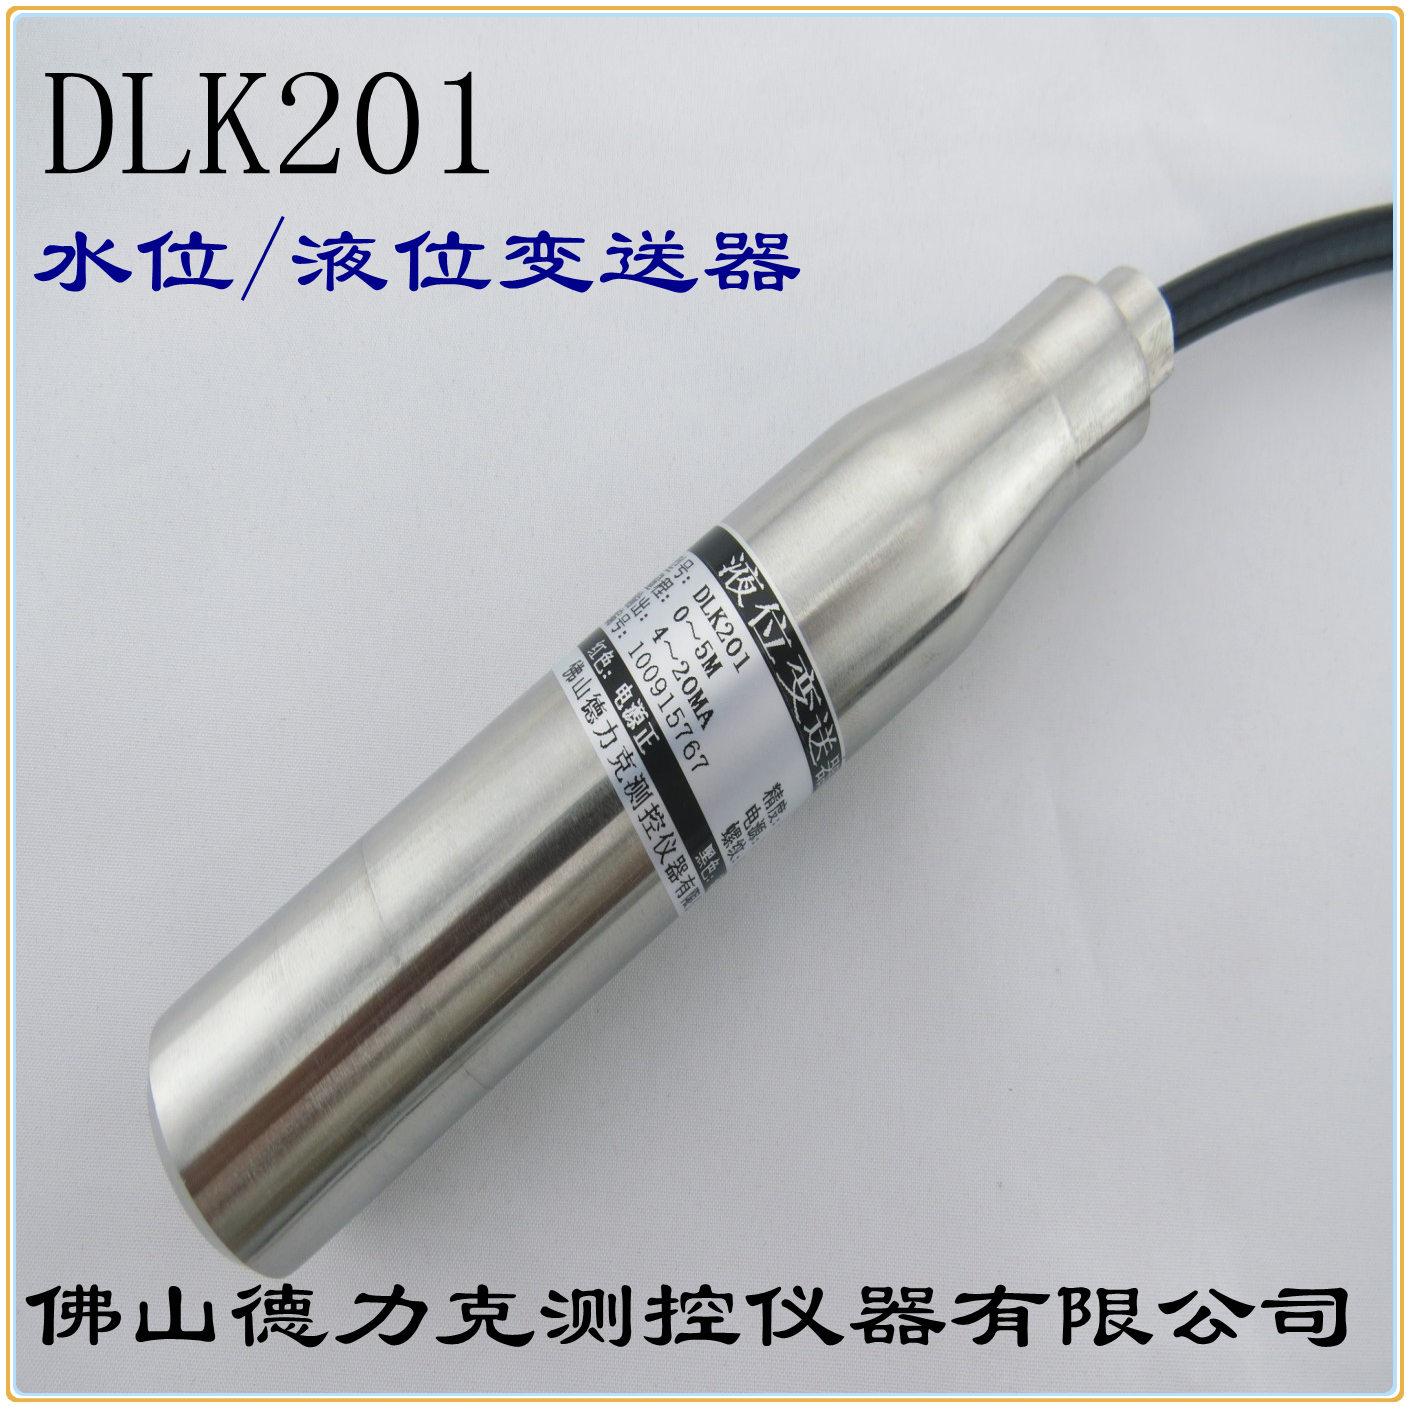 水槽液位传感器